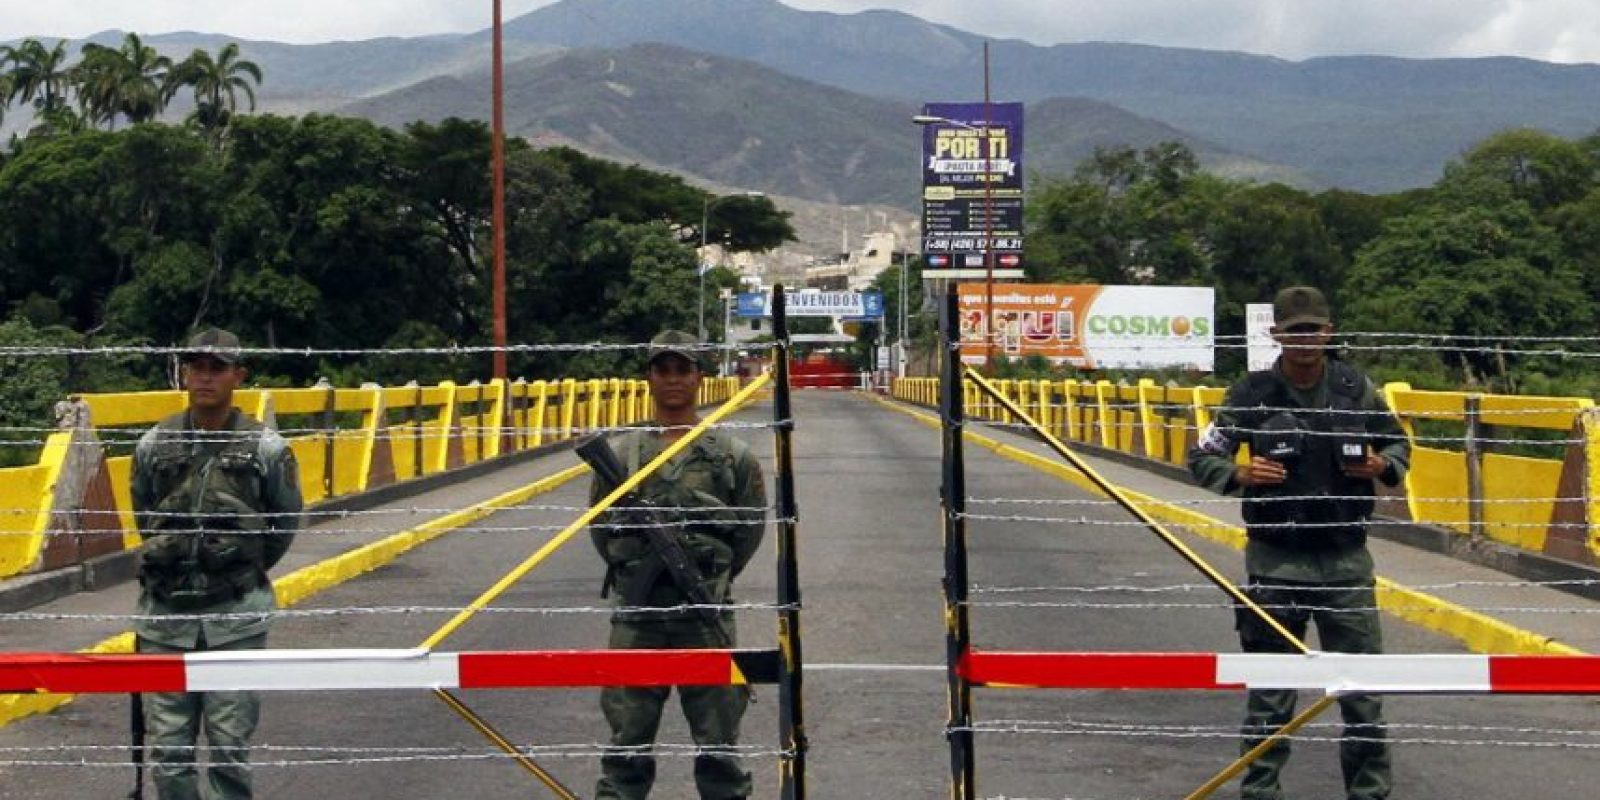 La frontera entre Colombia y Venezuela permanece cerrada desde el pasado jueves. Foto:EFE